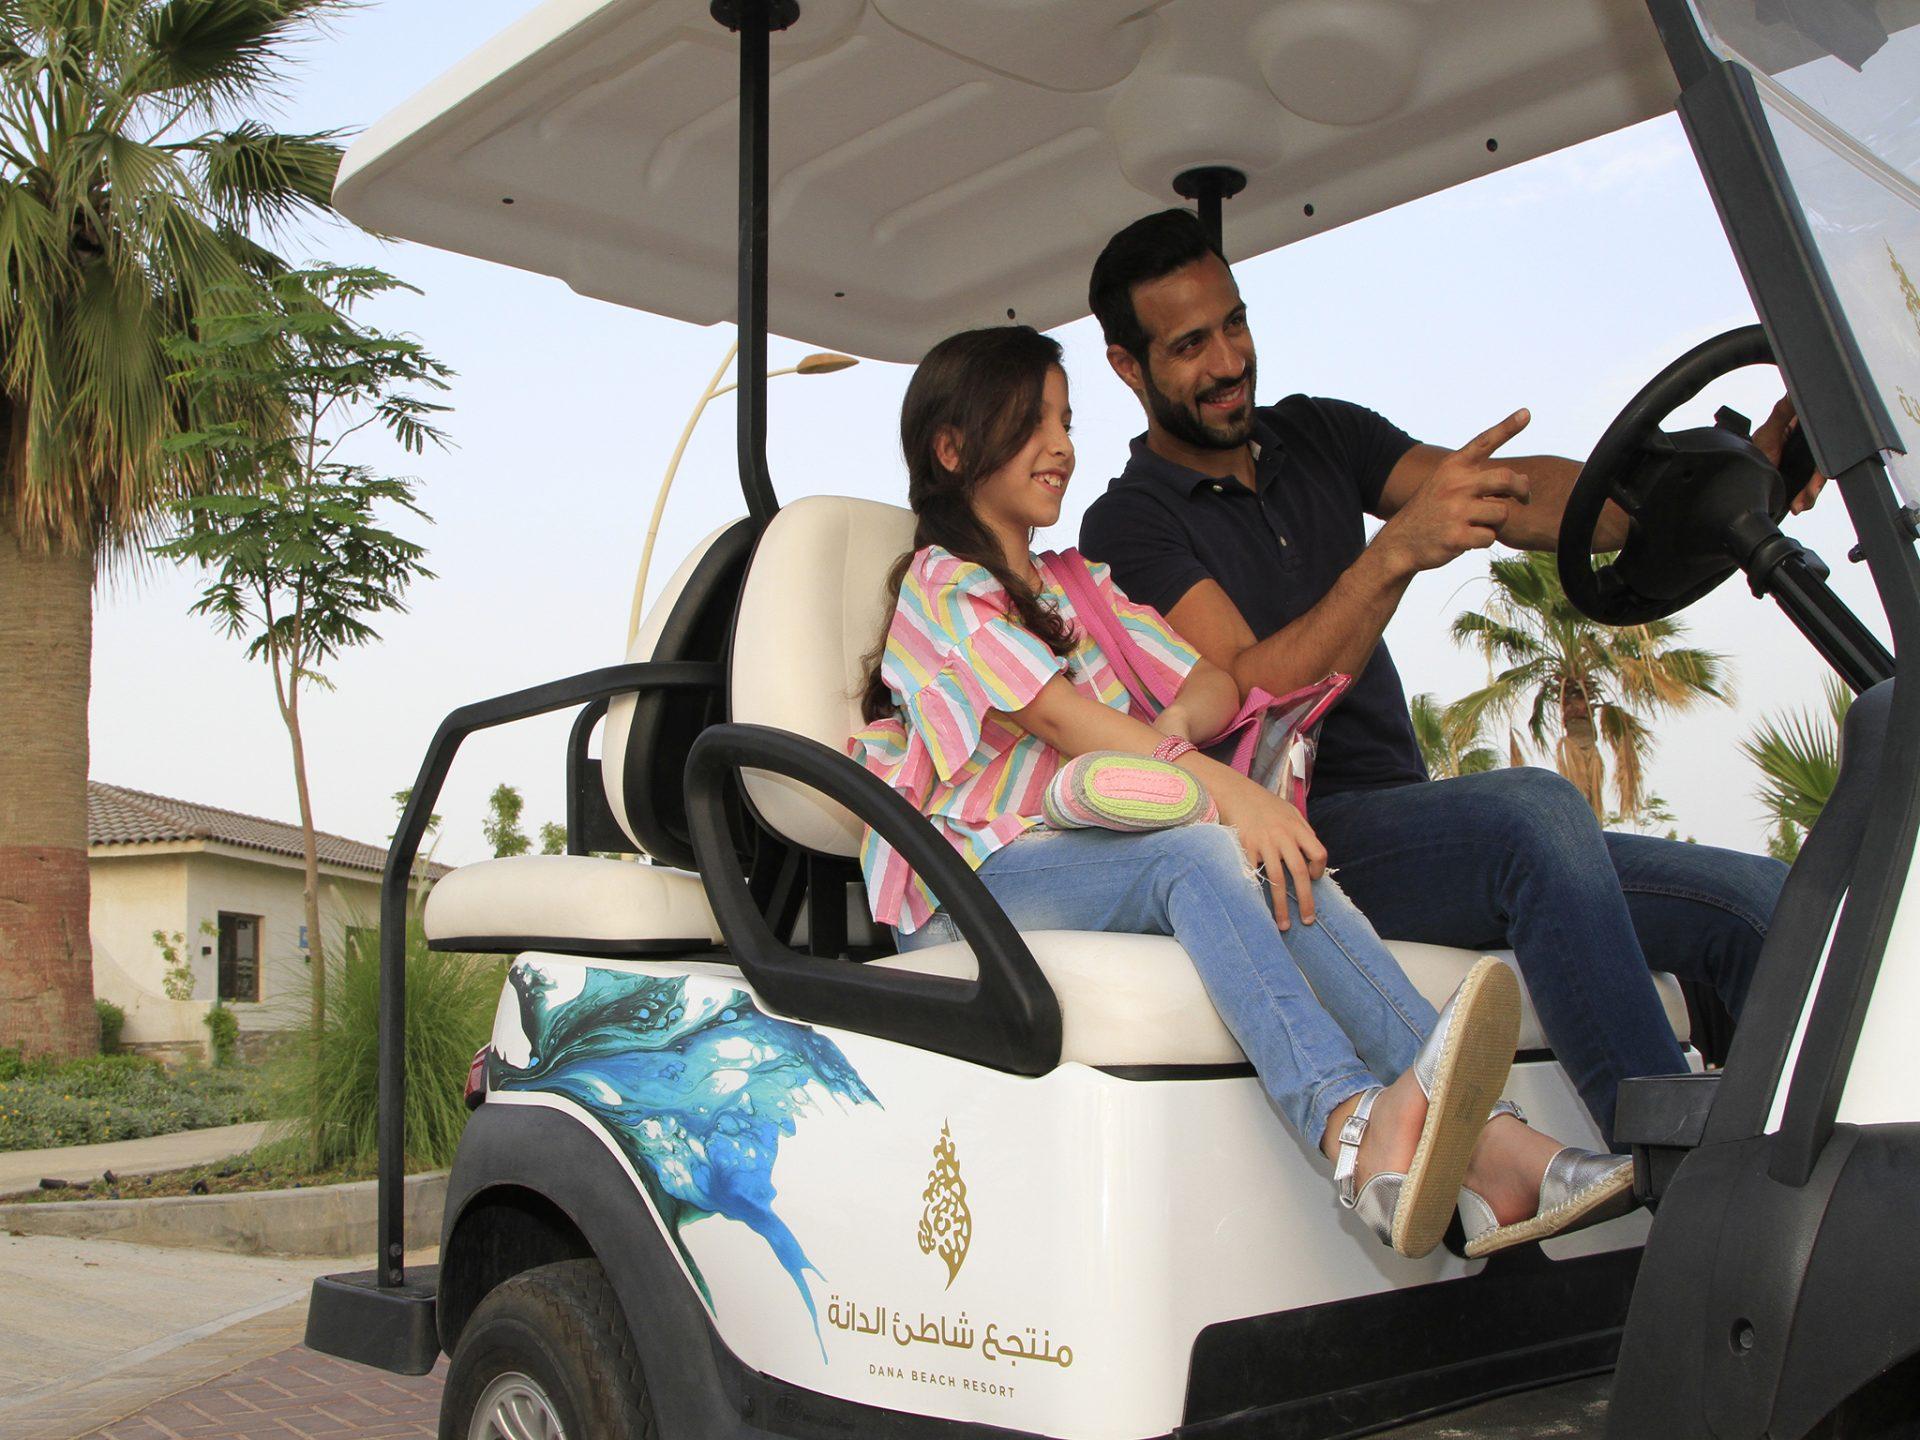 driving club cars around Dana Beach Resort